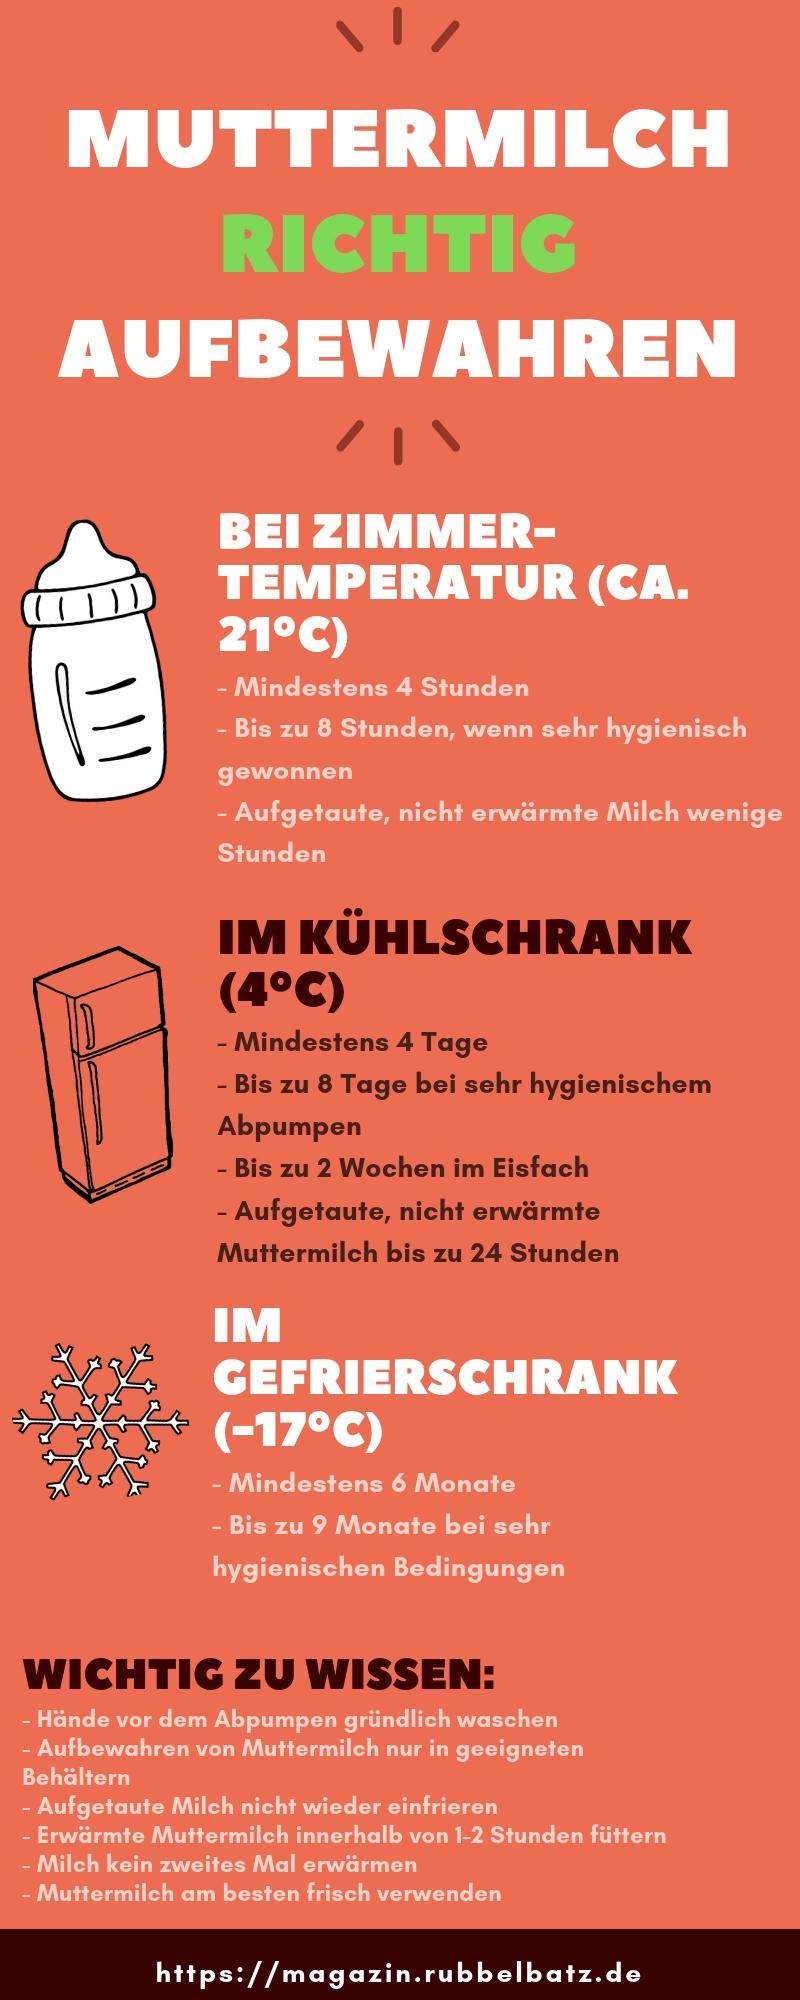 Infografik Abgepumpte Muttermilch Richtig Aufbewahren